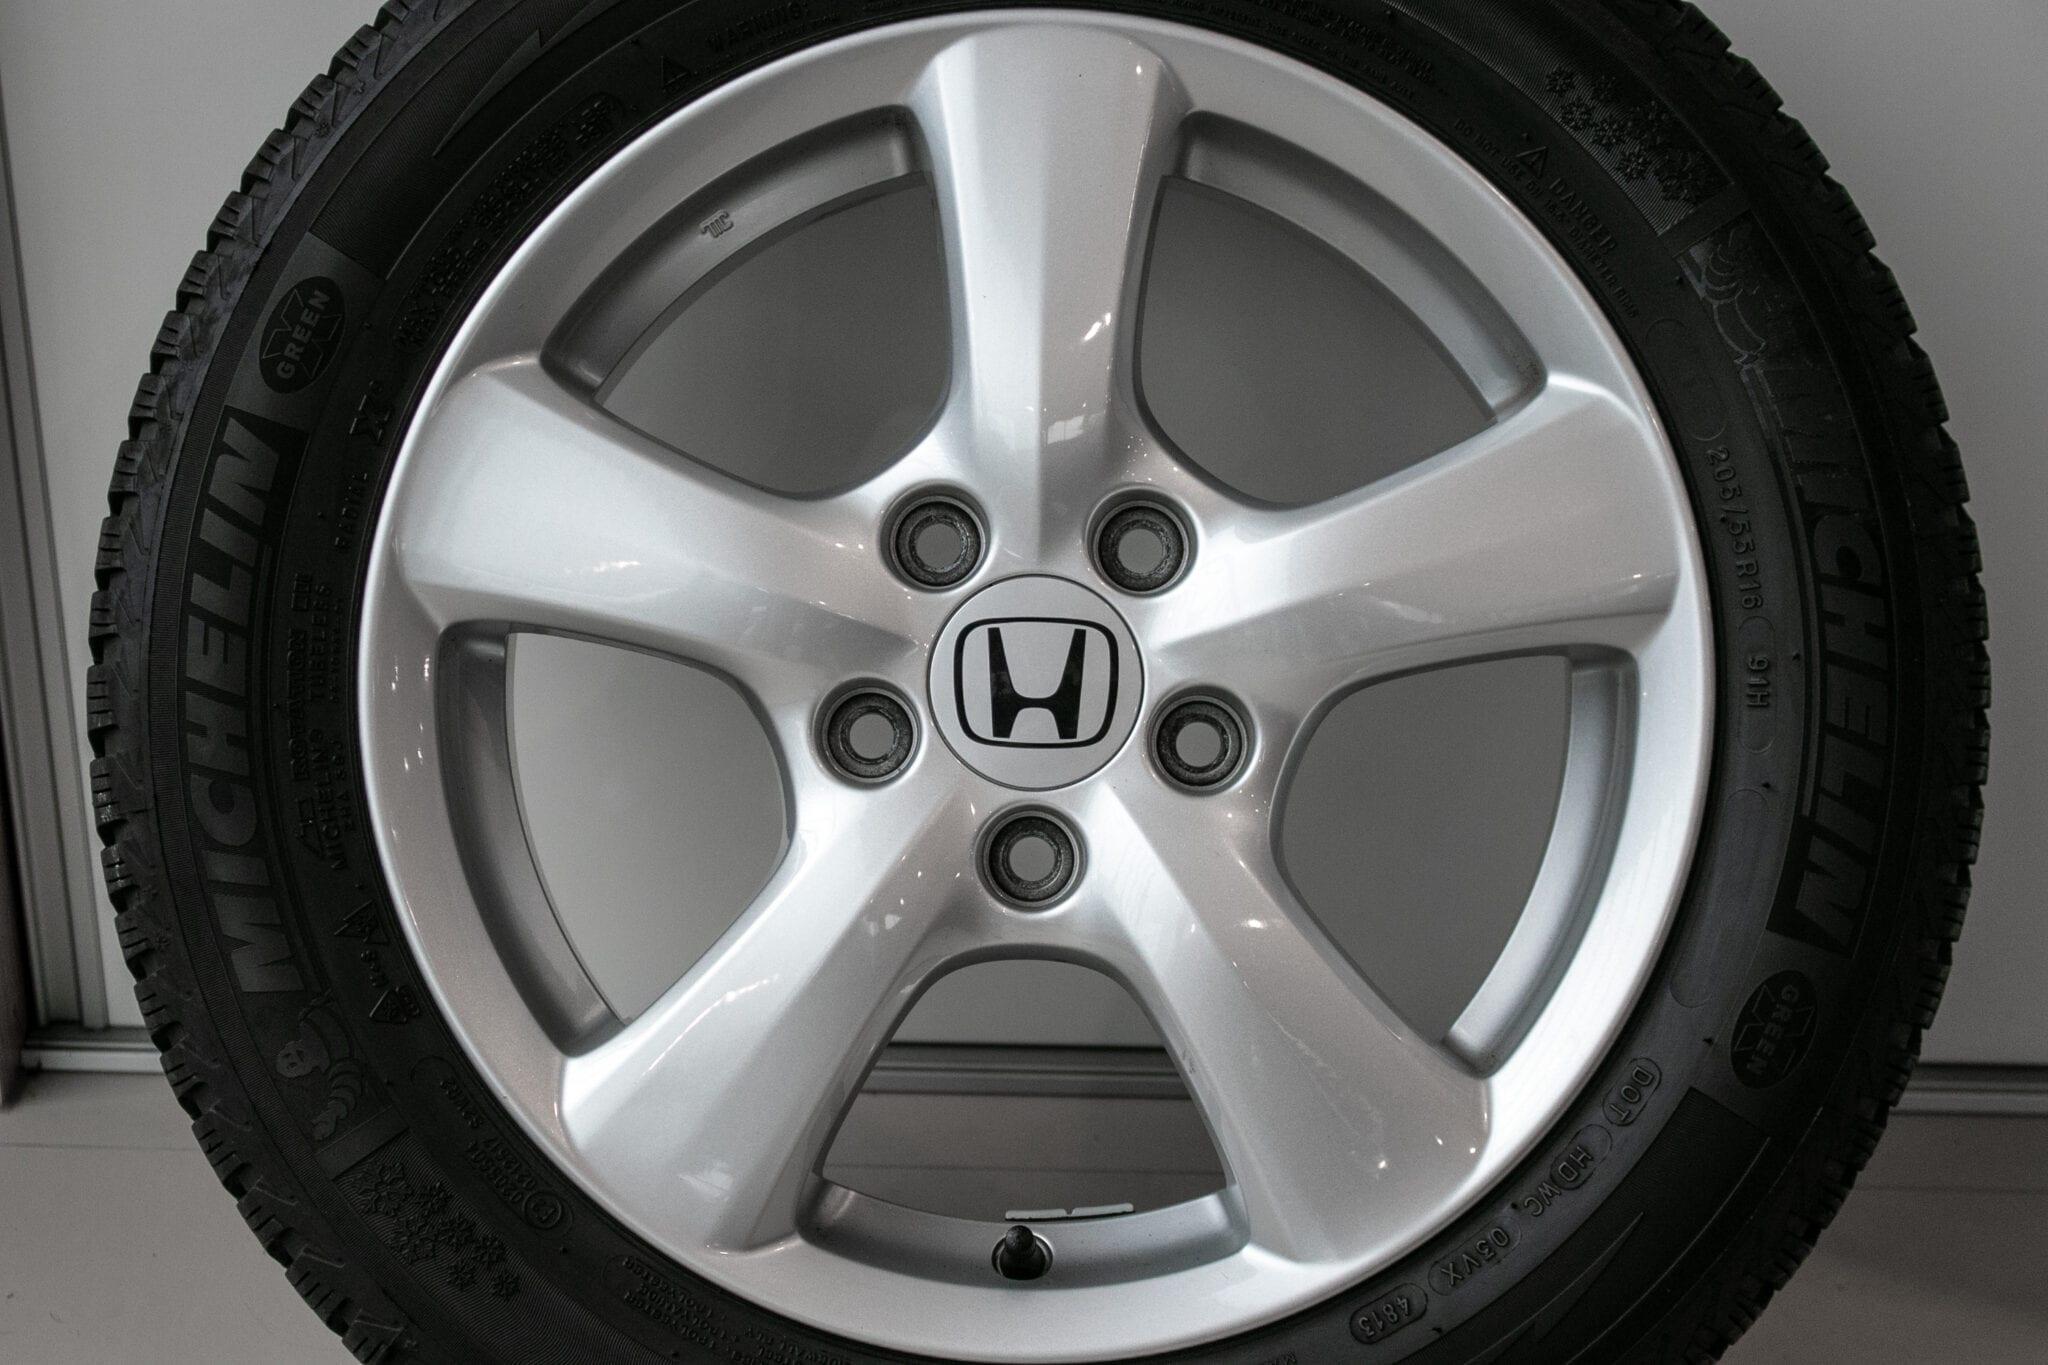 """16"""" Winterwielen voor de Honda Civic 5d Hybrid, de Honda FR-V en de Honda Accord €299,- Gebruikt. Profieldiepte: 5.5mm - 6mm"""